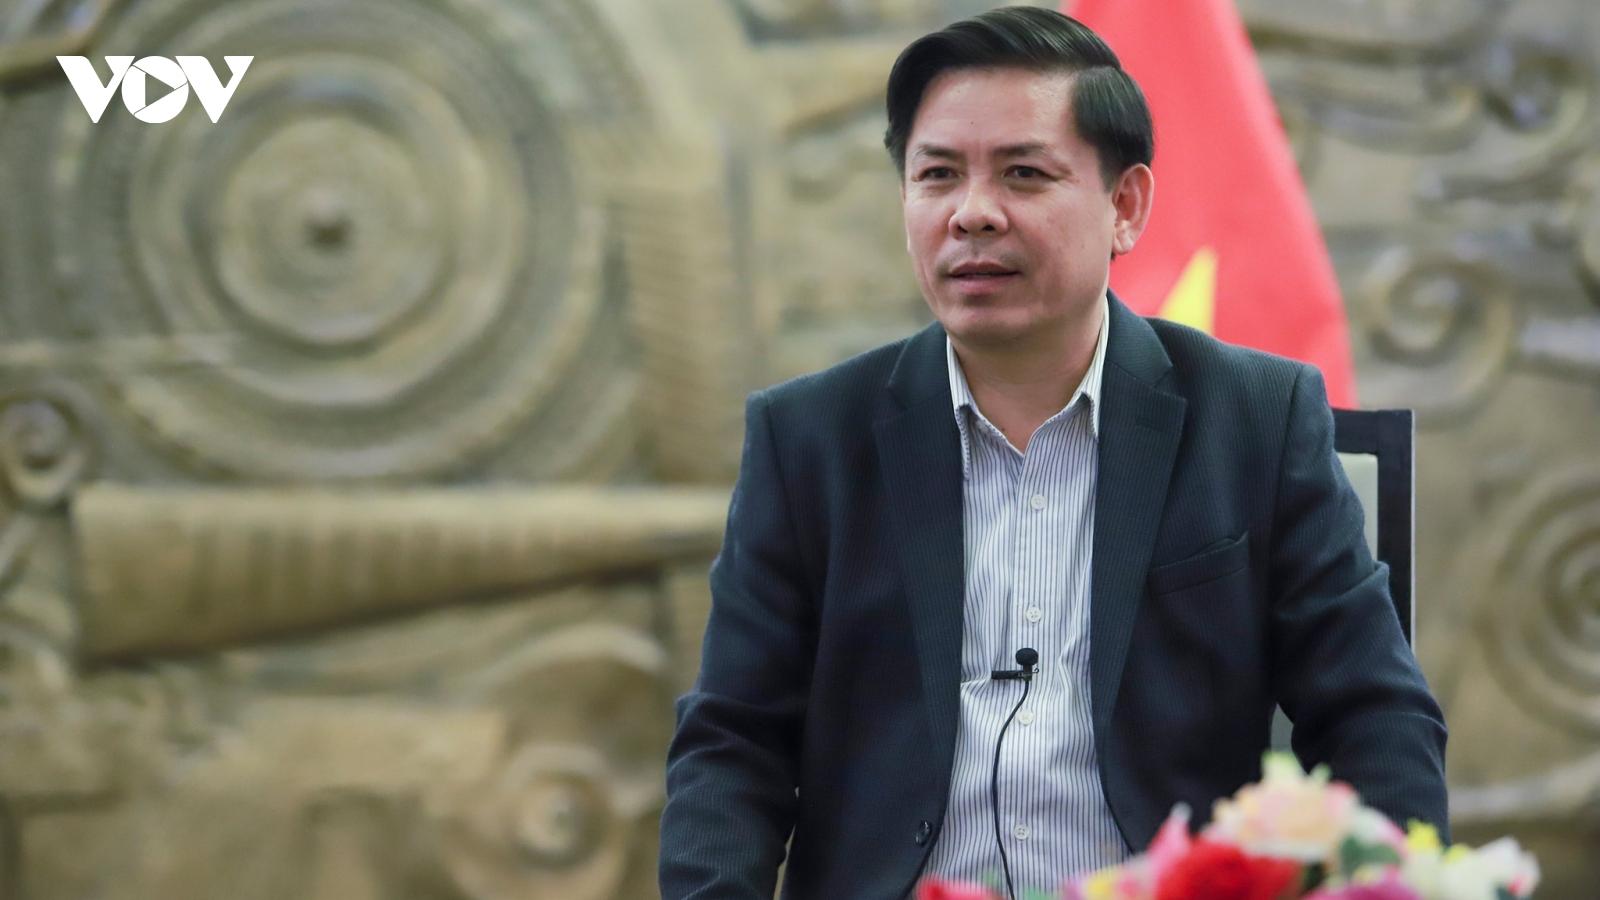 Bộ trưởng Nguyễn Văn Thể: Đất nước thịnh vượng cần hạ tầng giao thông hiện đại